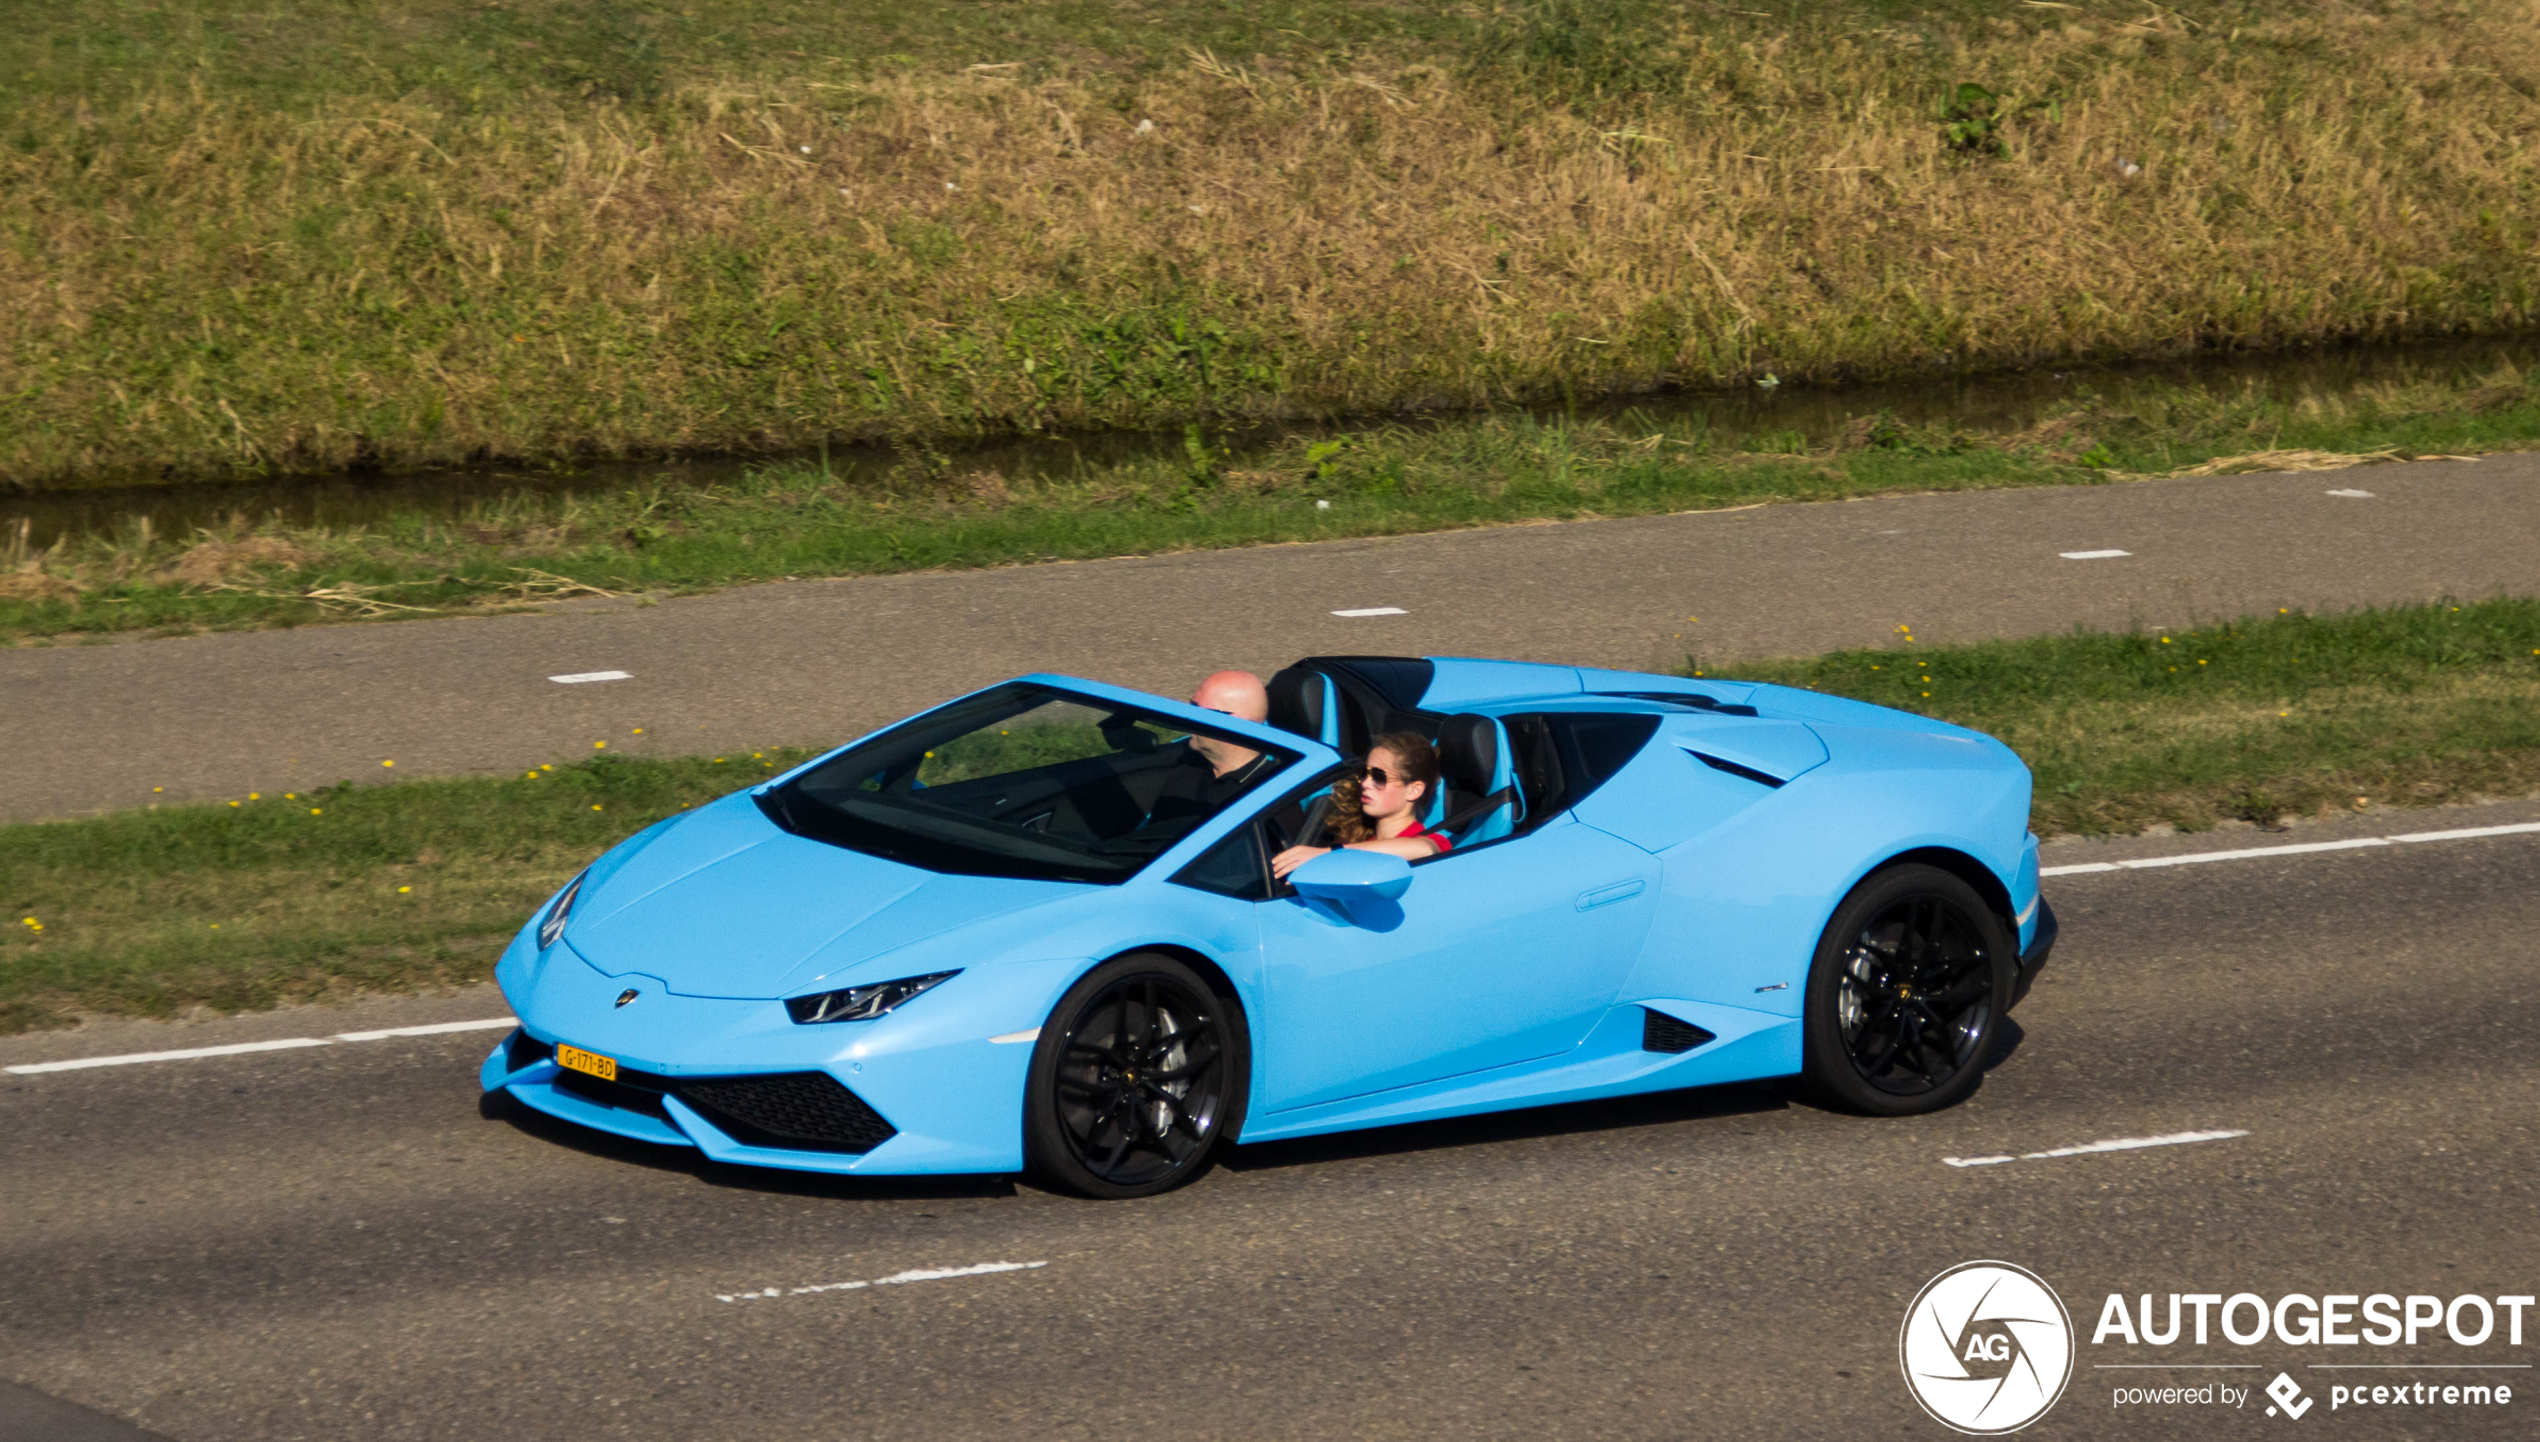 Babyblauwe Lamborghini Huracán Spyder is je ideale weekendspeeltje